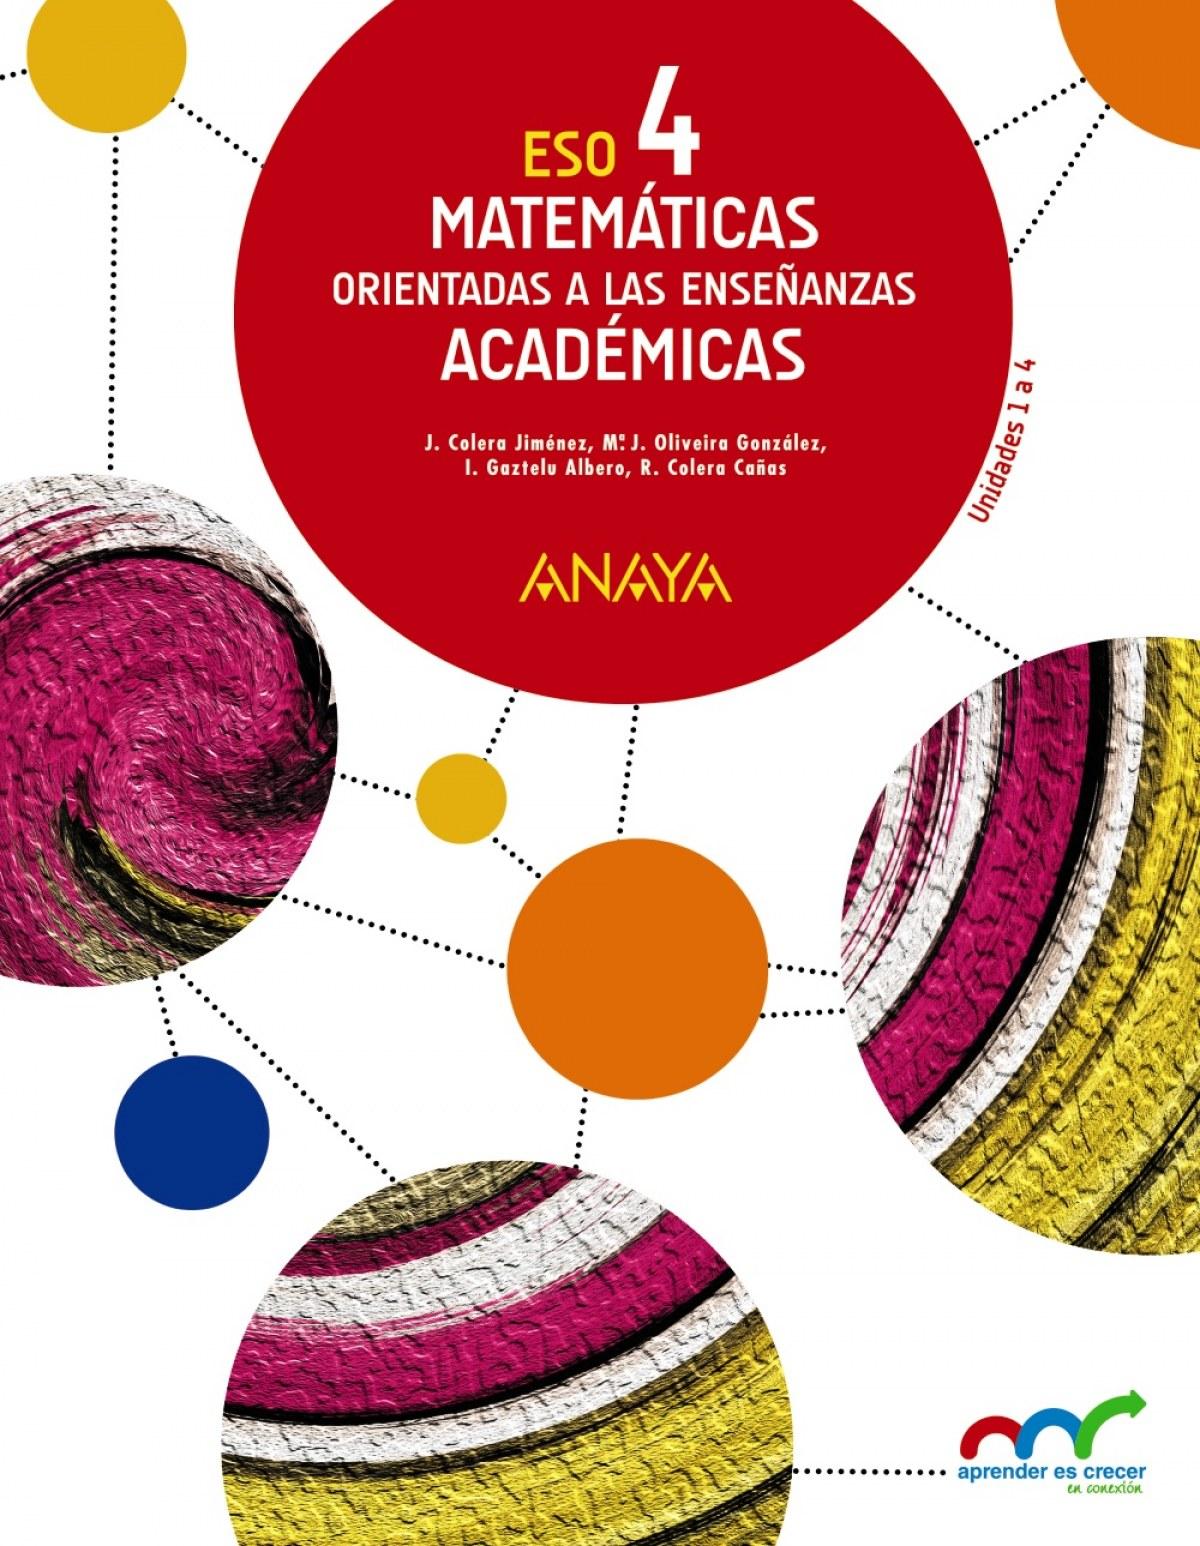 Matemáticas 4o.eso. Académicas. Trimestral. Aprender es crecer en conexión 9788